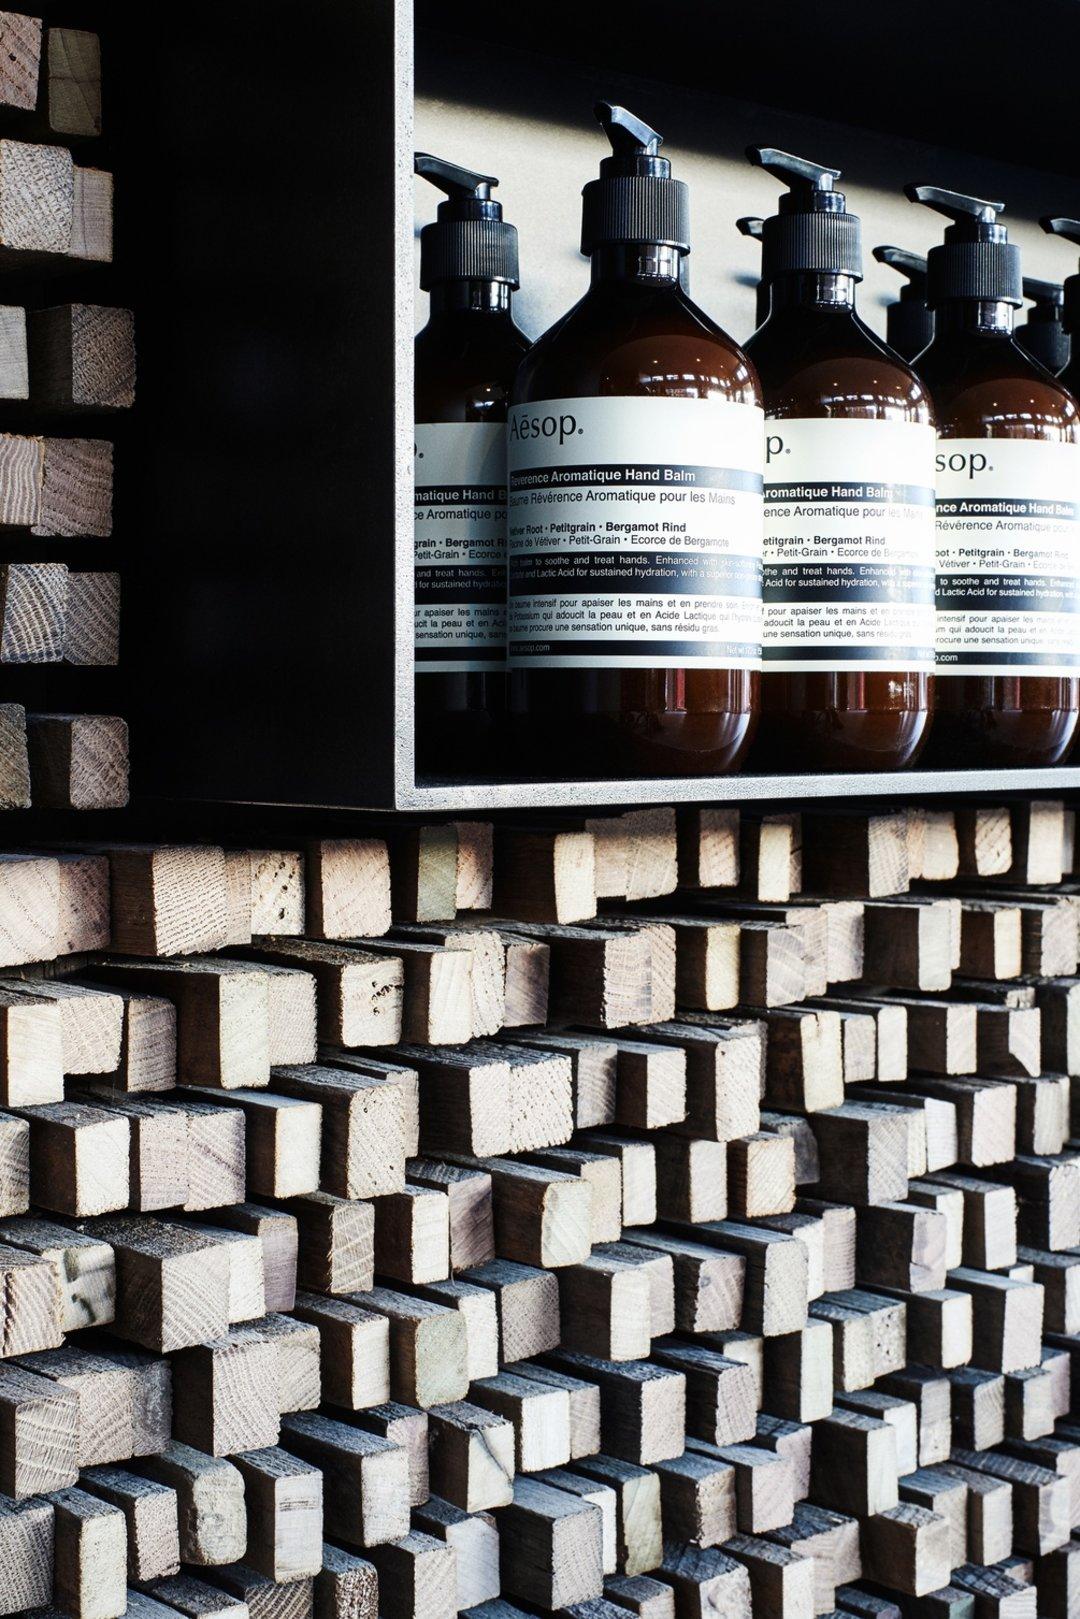 每家Aesop的店铺都各有特色,华盛顿这家用了百年松木条_设计_好奇心日报